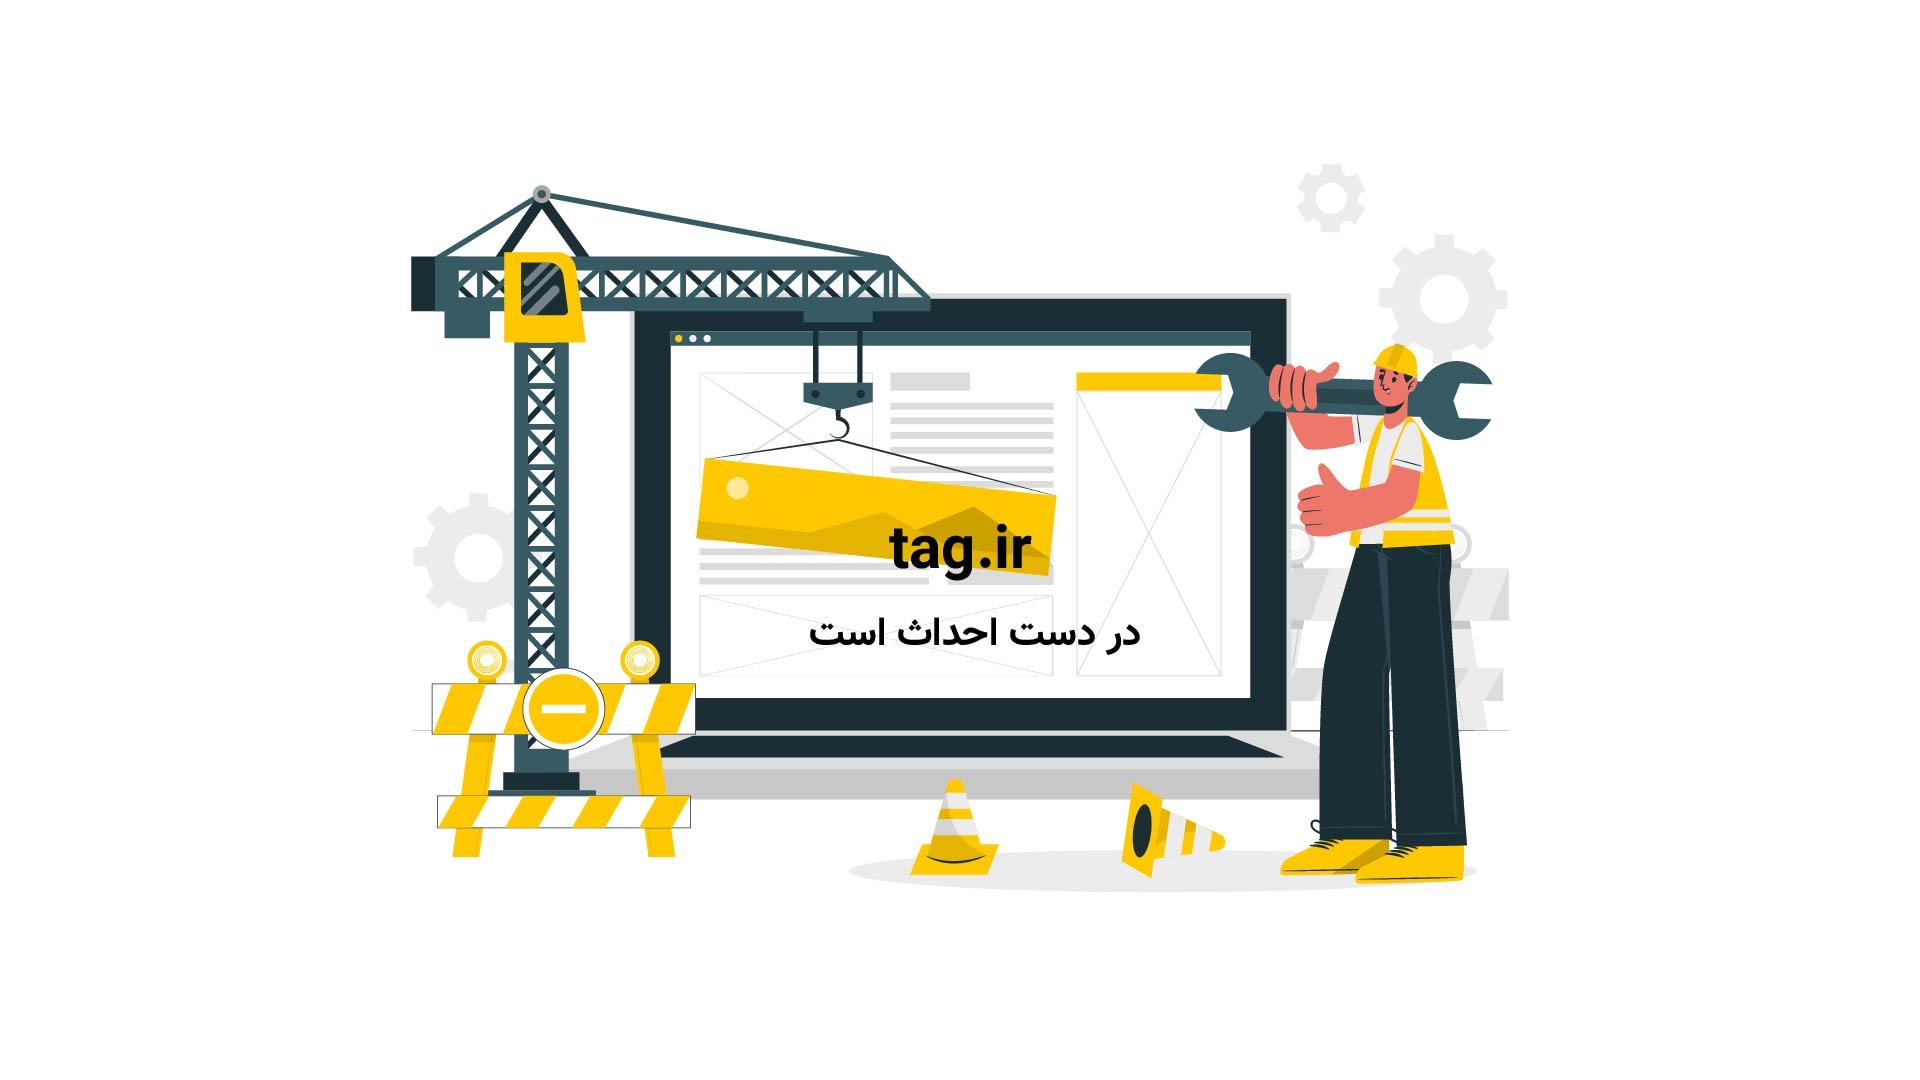 تشییع-نجف-آباد | تگ